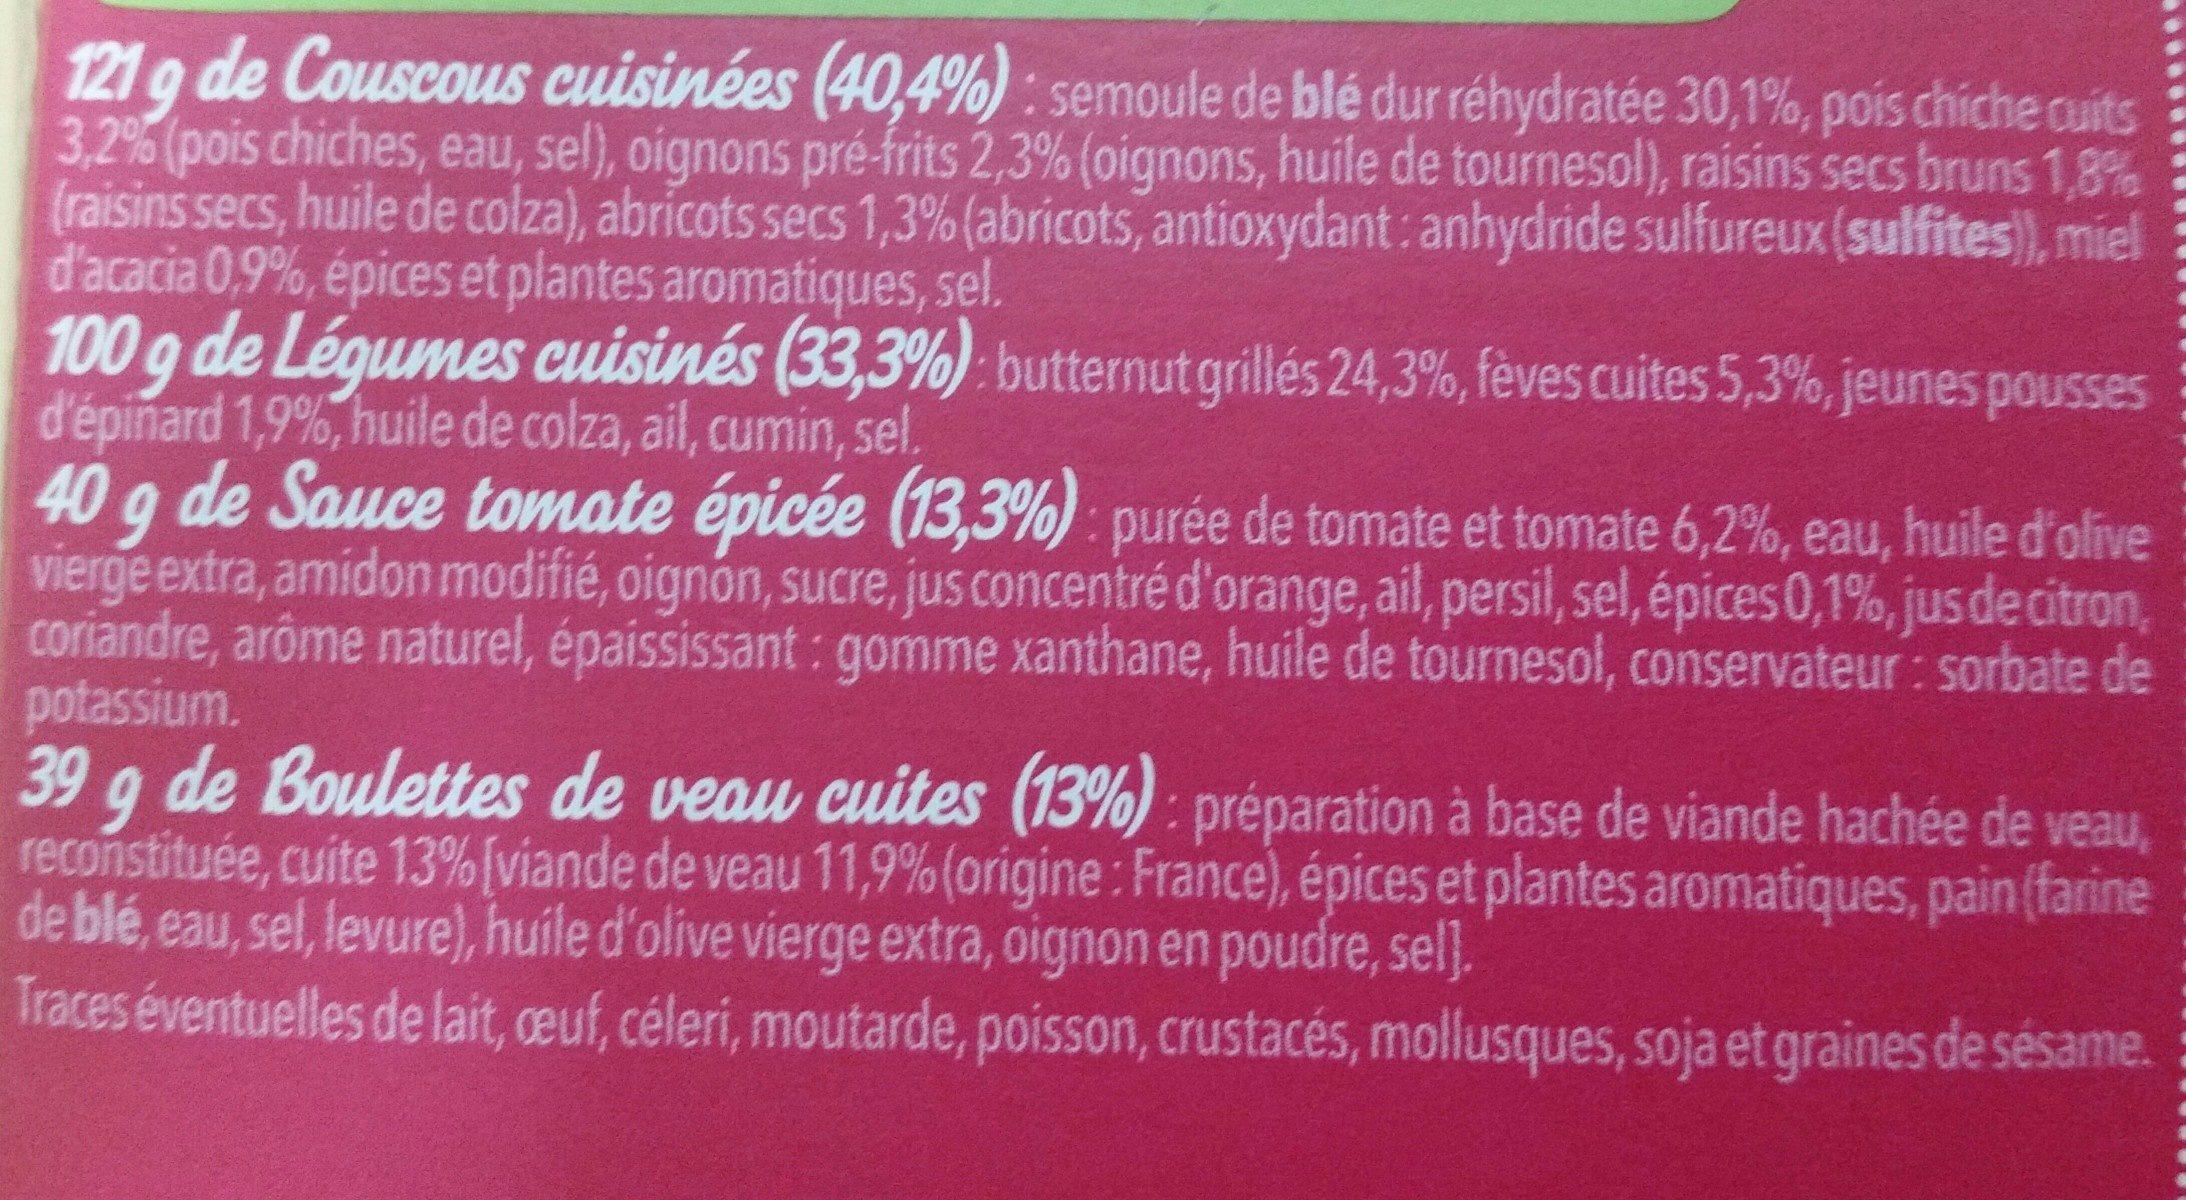 Boulettes de veau à la Marocaine, 300g - Ingrediënten - fr